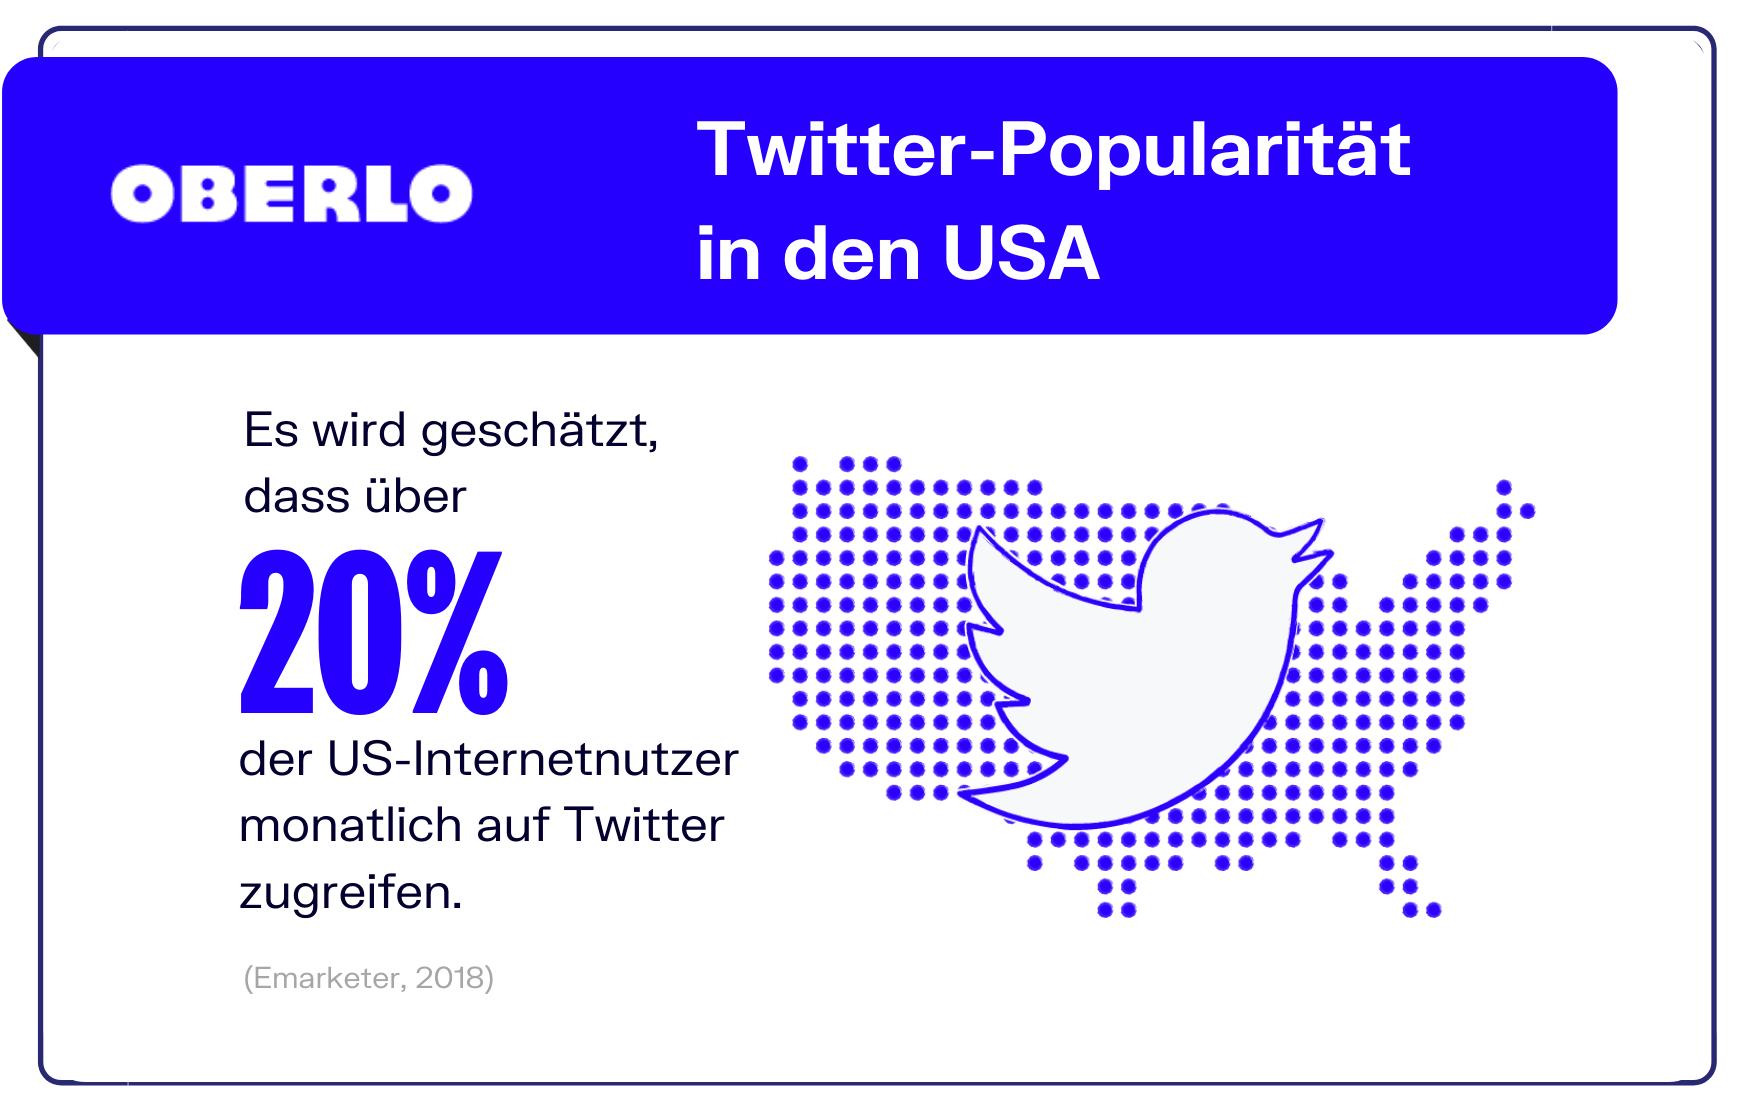 USa Statistik